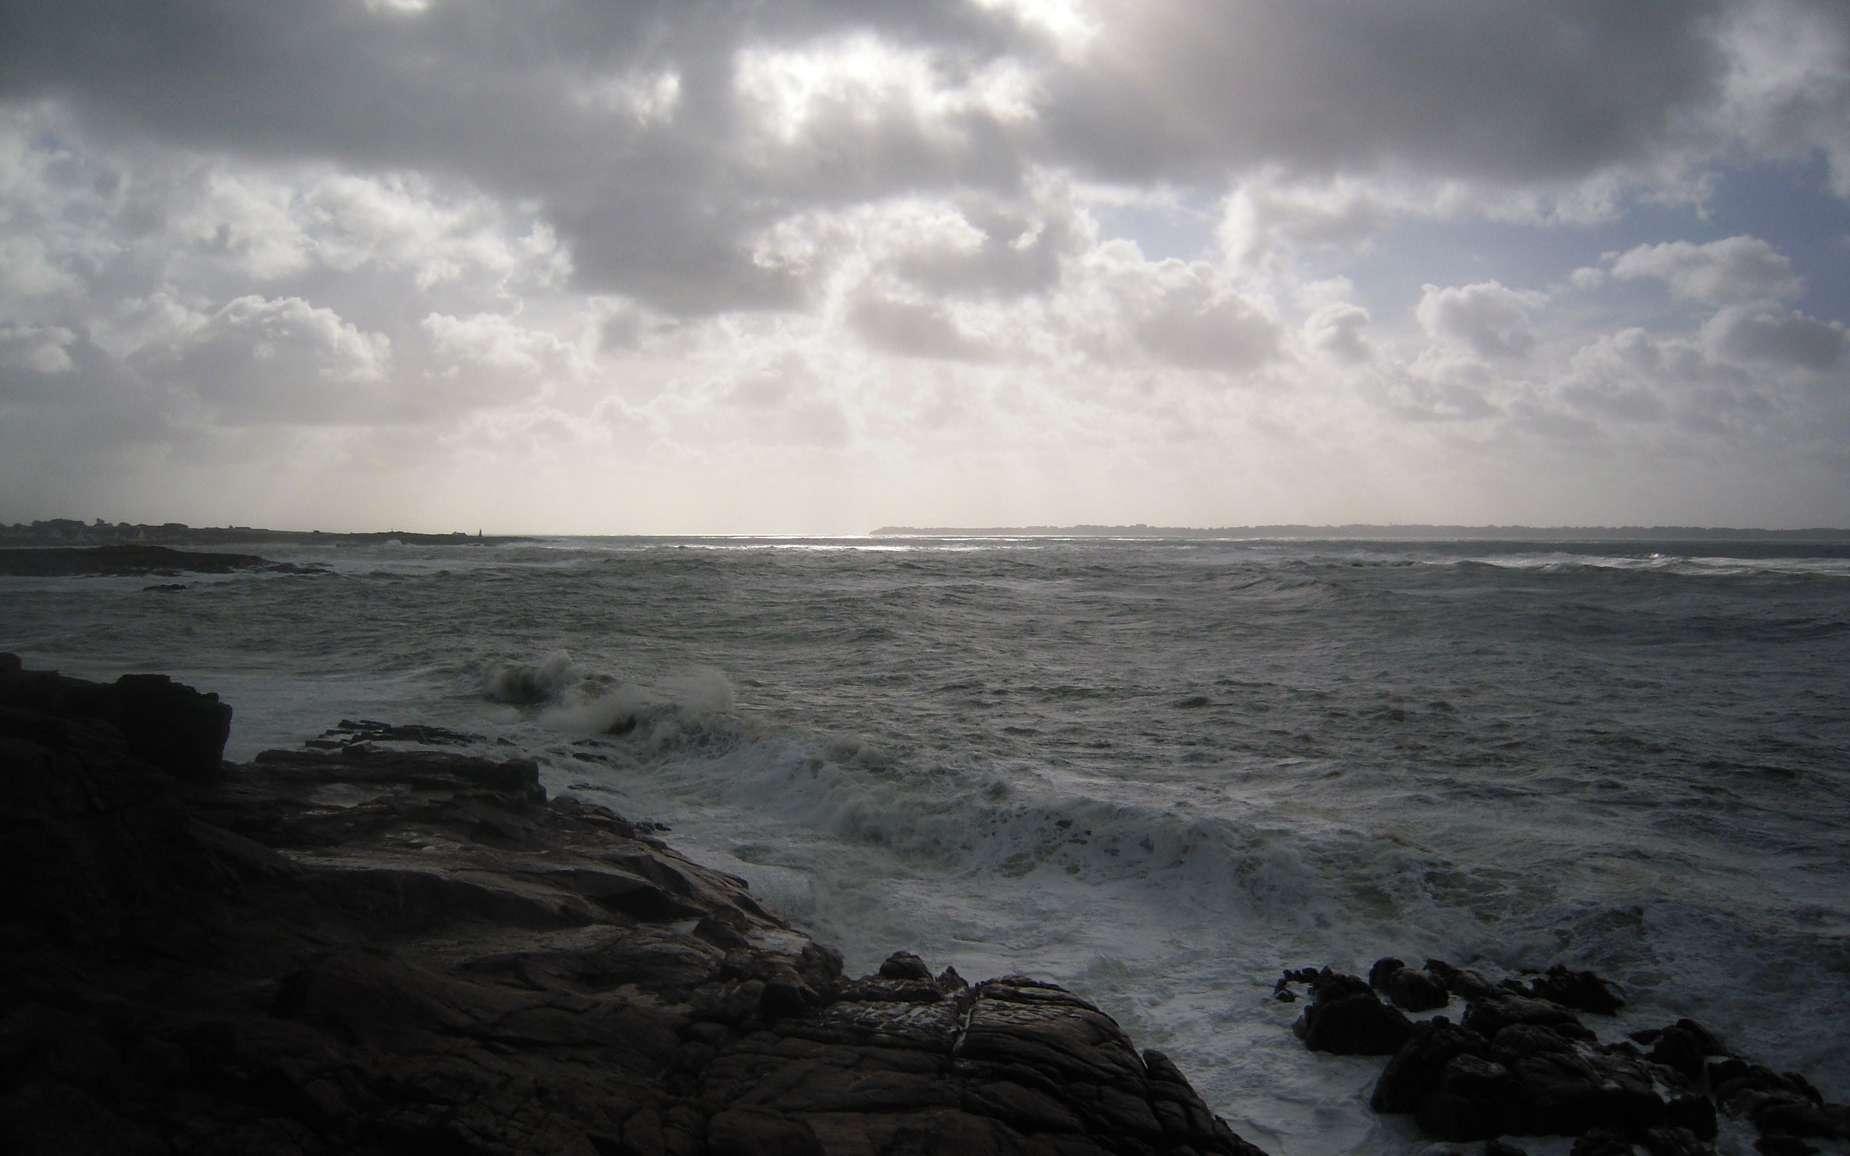 Fabriqué par des bactéries marines parmi d'autres composés biologiques, le diméthylsulfure est ensuite libéré dans l'atmosphère via les embruns marins. Ces émissions océaniques jouent un rôle important dans le cycle du soufre, élément essentiel à la vie. © Jacques Le Letty, Wikimedia Commons, CC by-sa 3.0